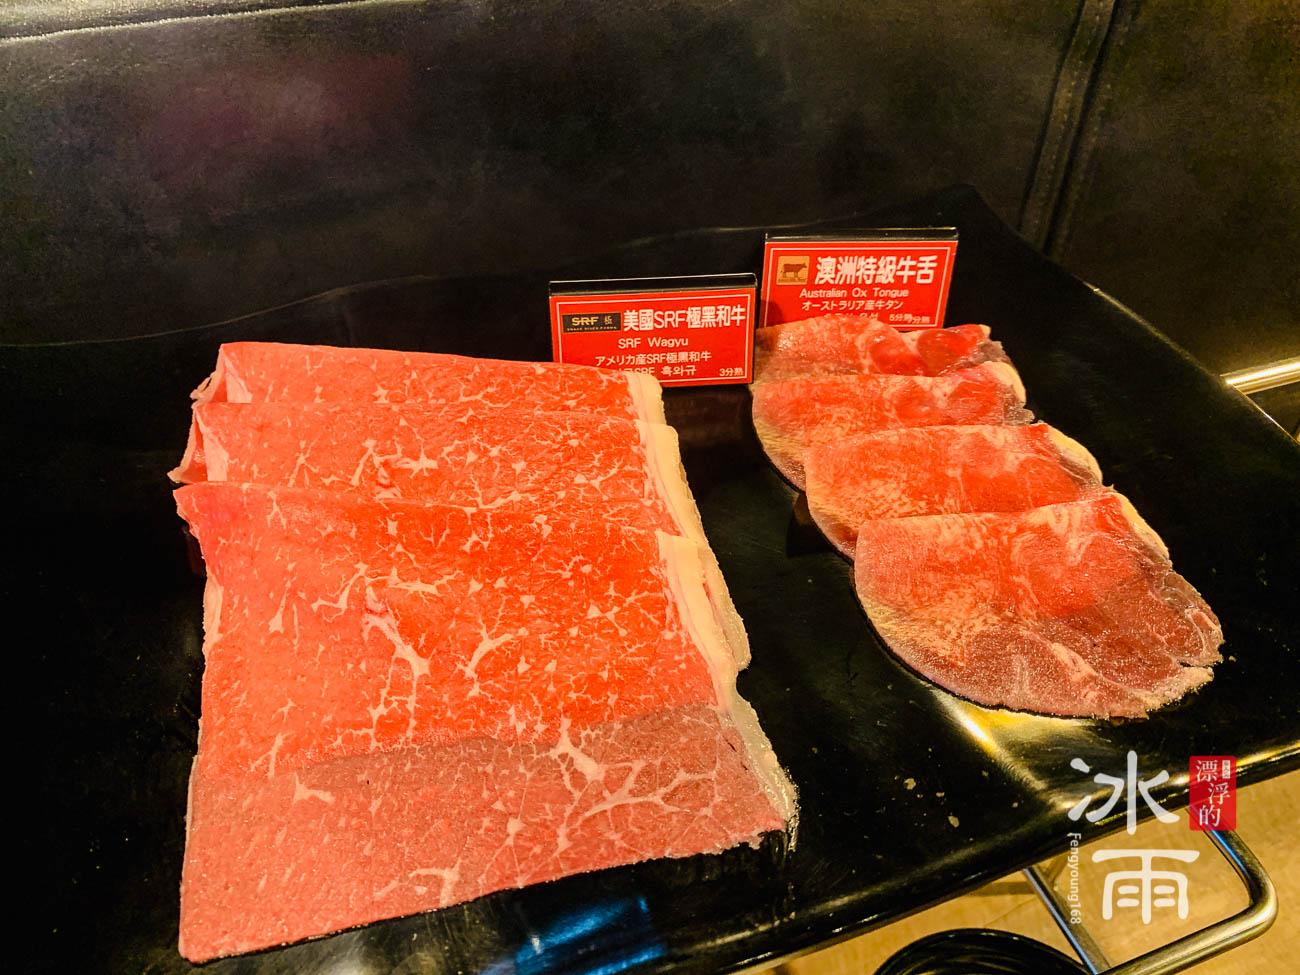 經典的牛肉口味都很不錯,也很清爽